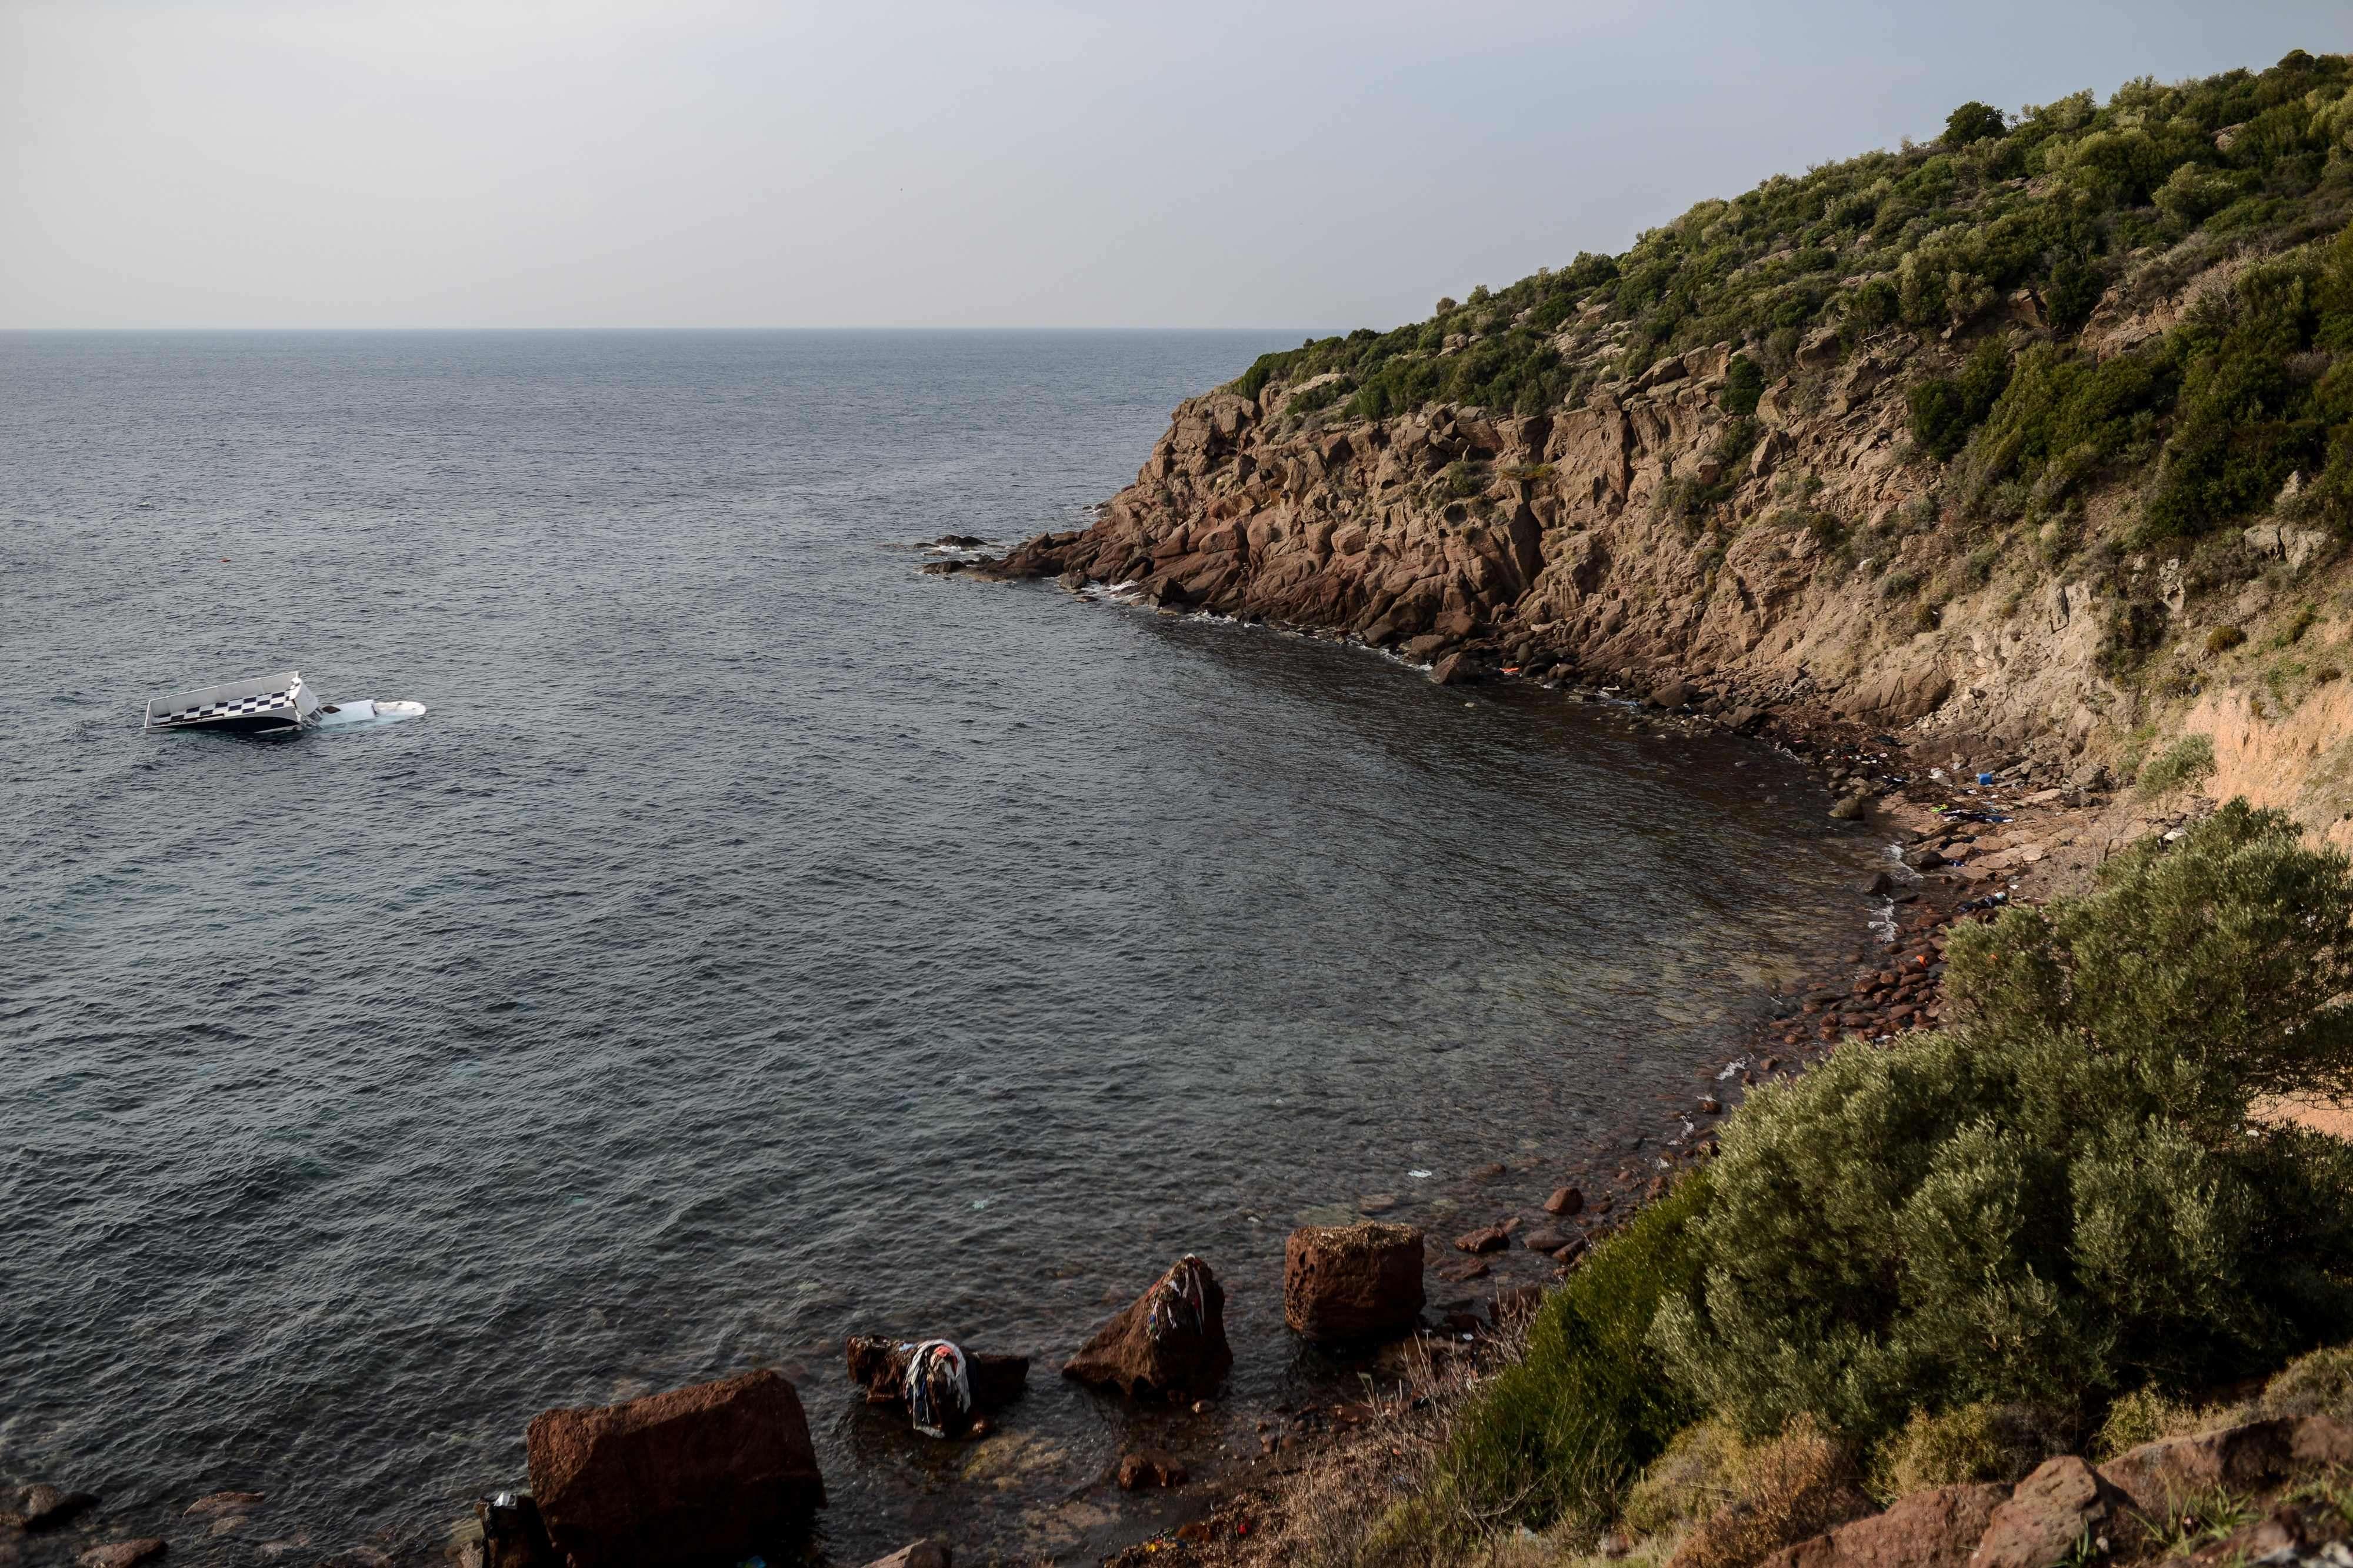 Le bateau, face à la crique où il a sombré, à quelques mètres du rivage.